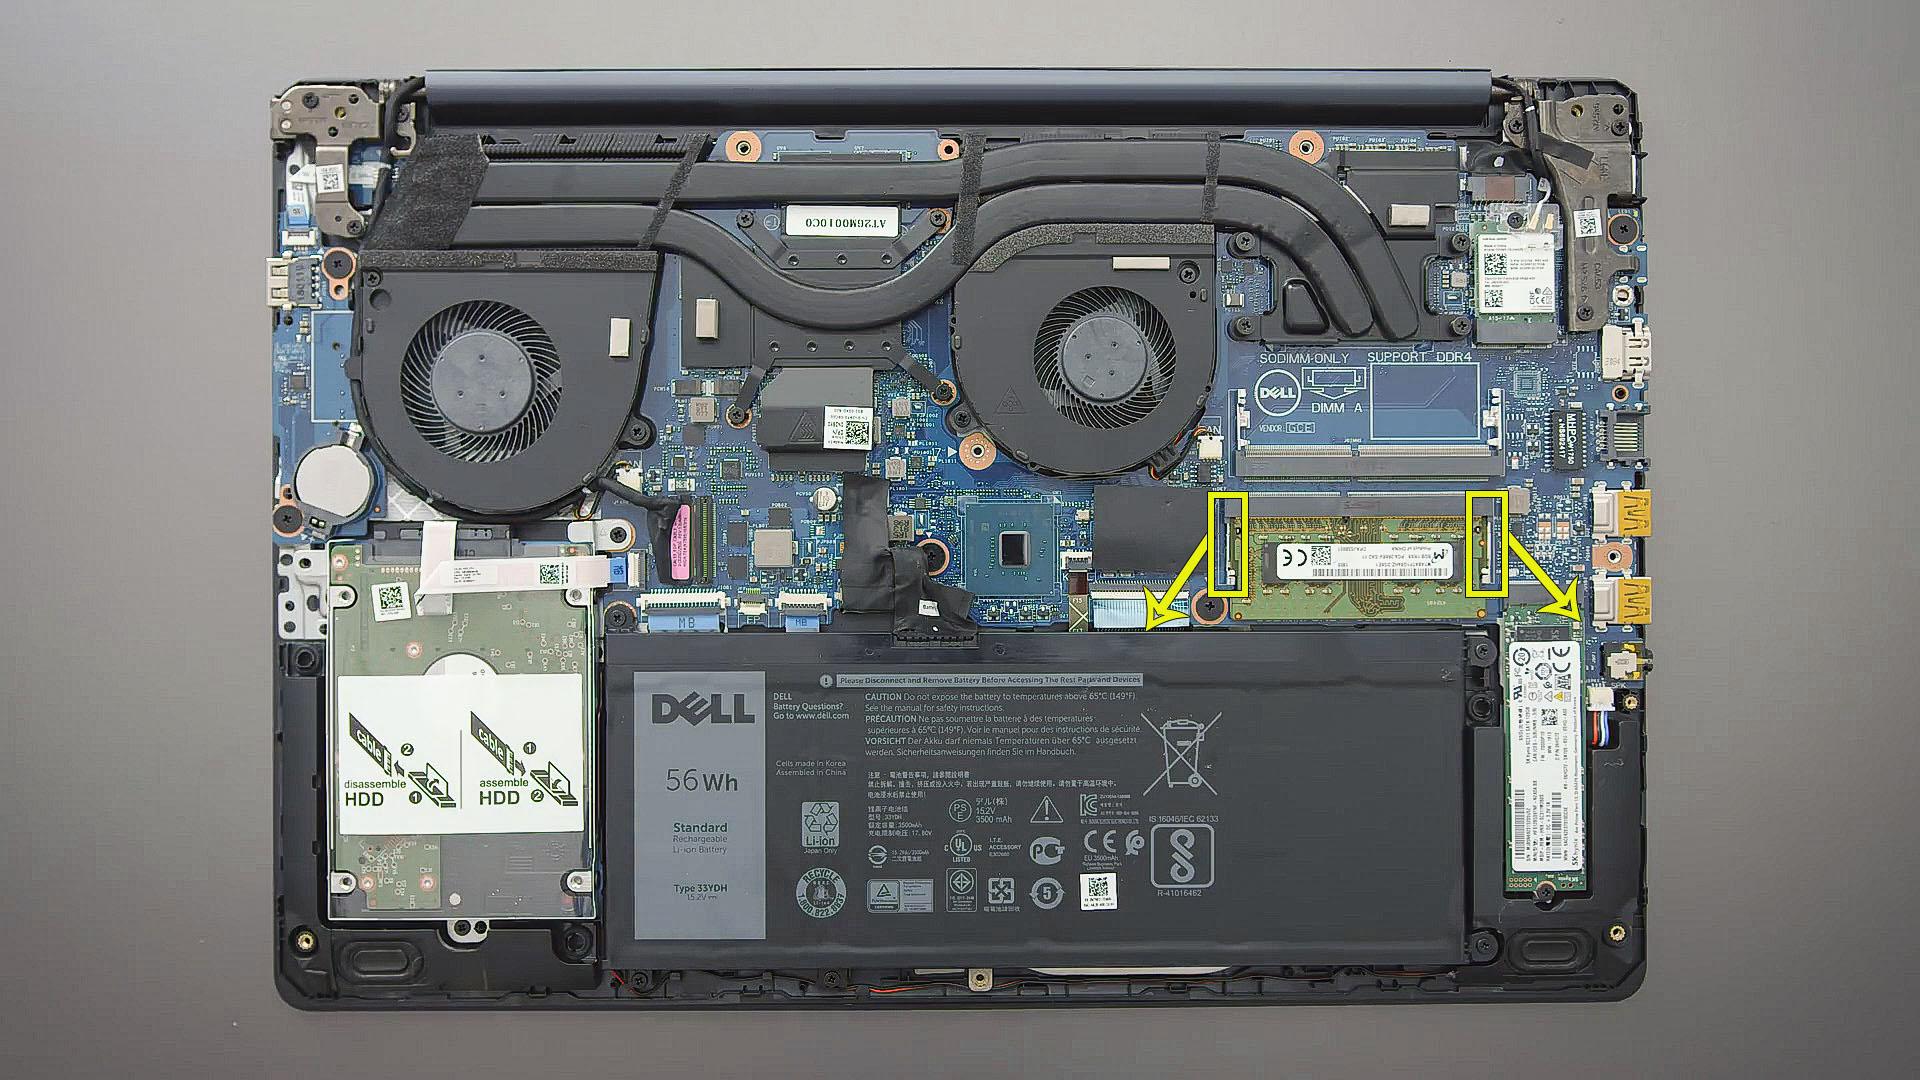 upgrade ram memory Dell G3